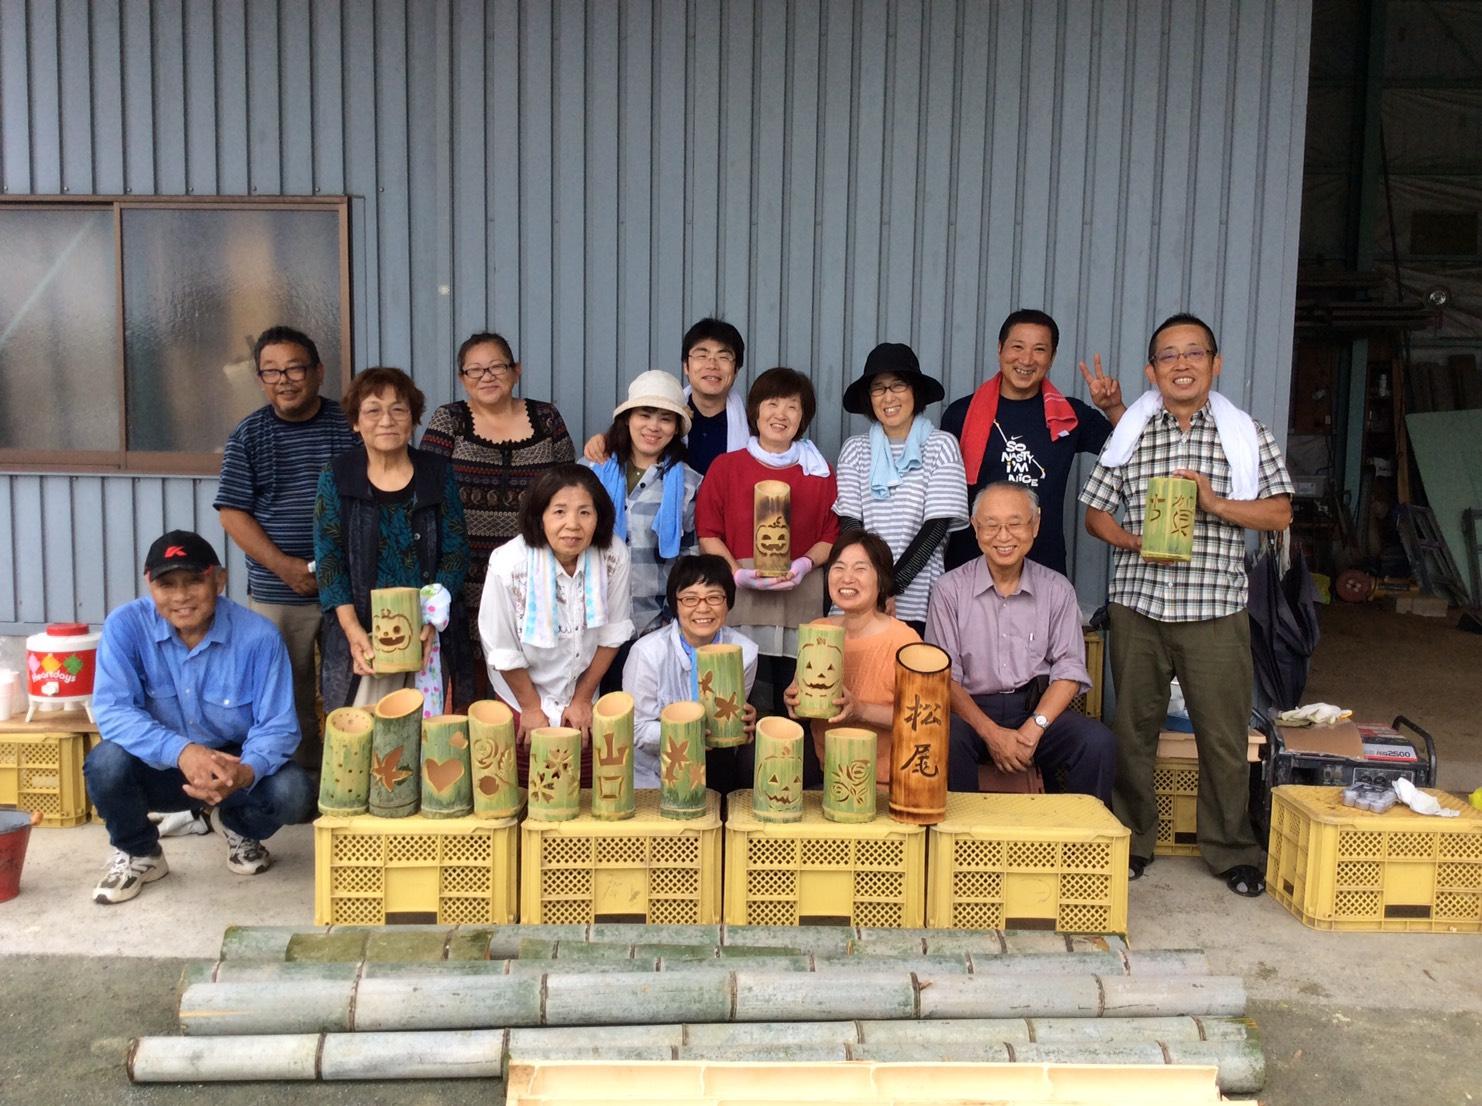 竹で社会を変える